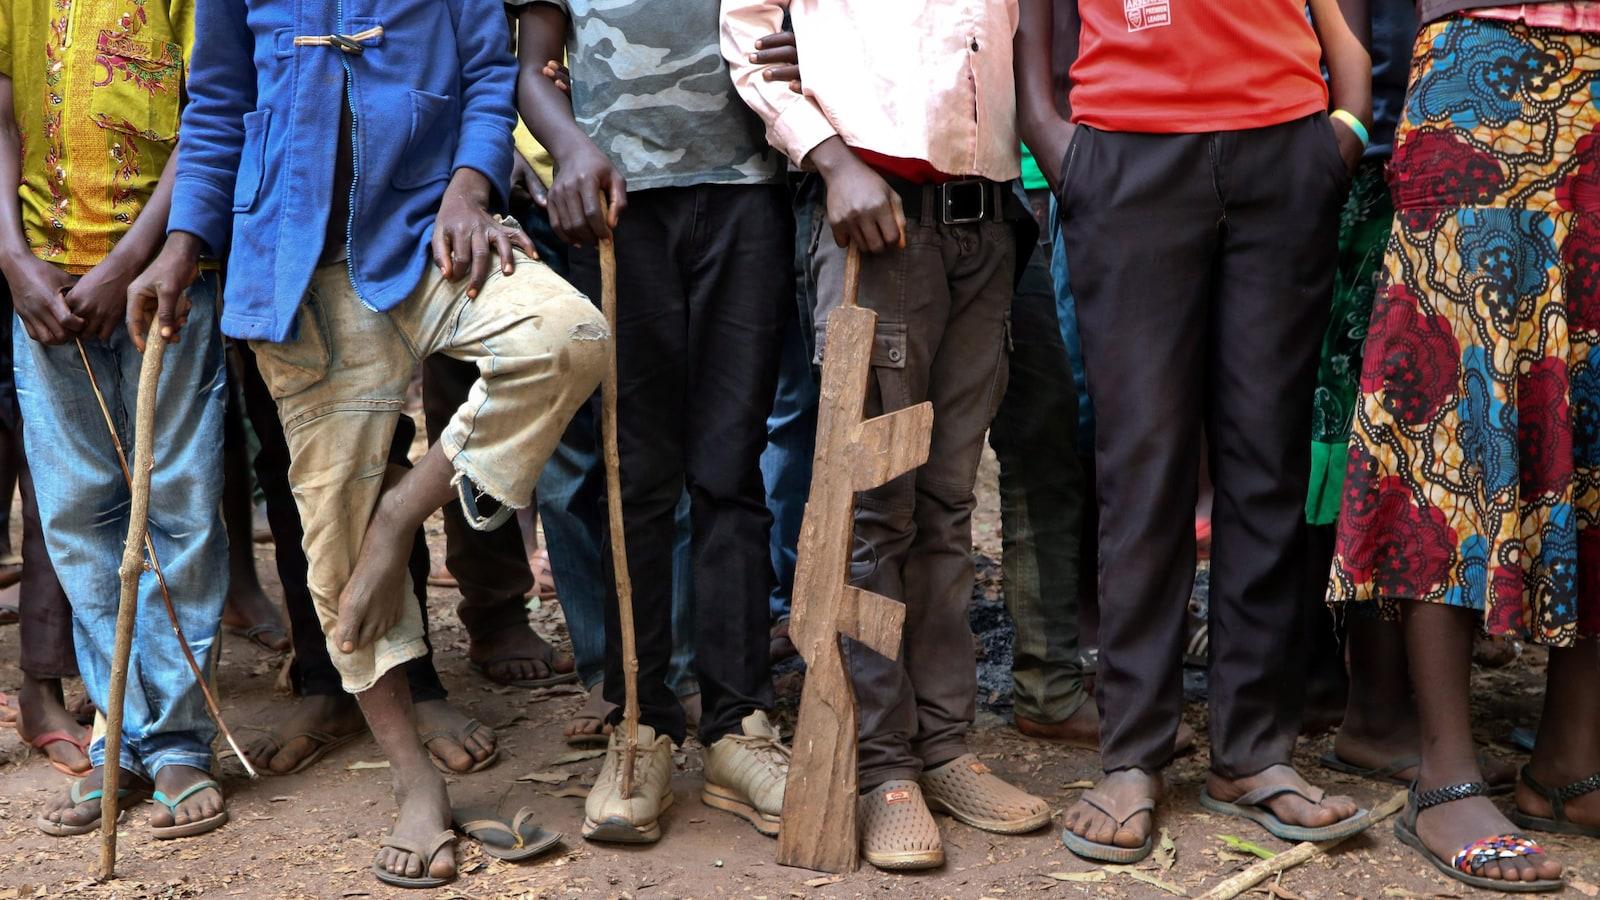 Vue d'une douzaine d'enfants alignés dehors dont on ne voit que les jambes et les pieds.